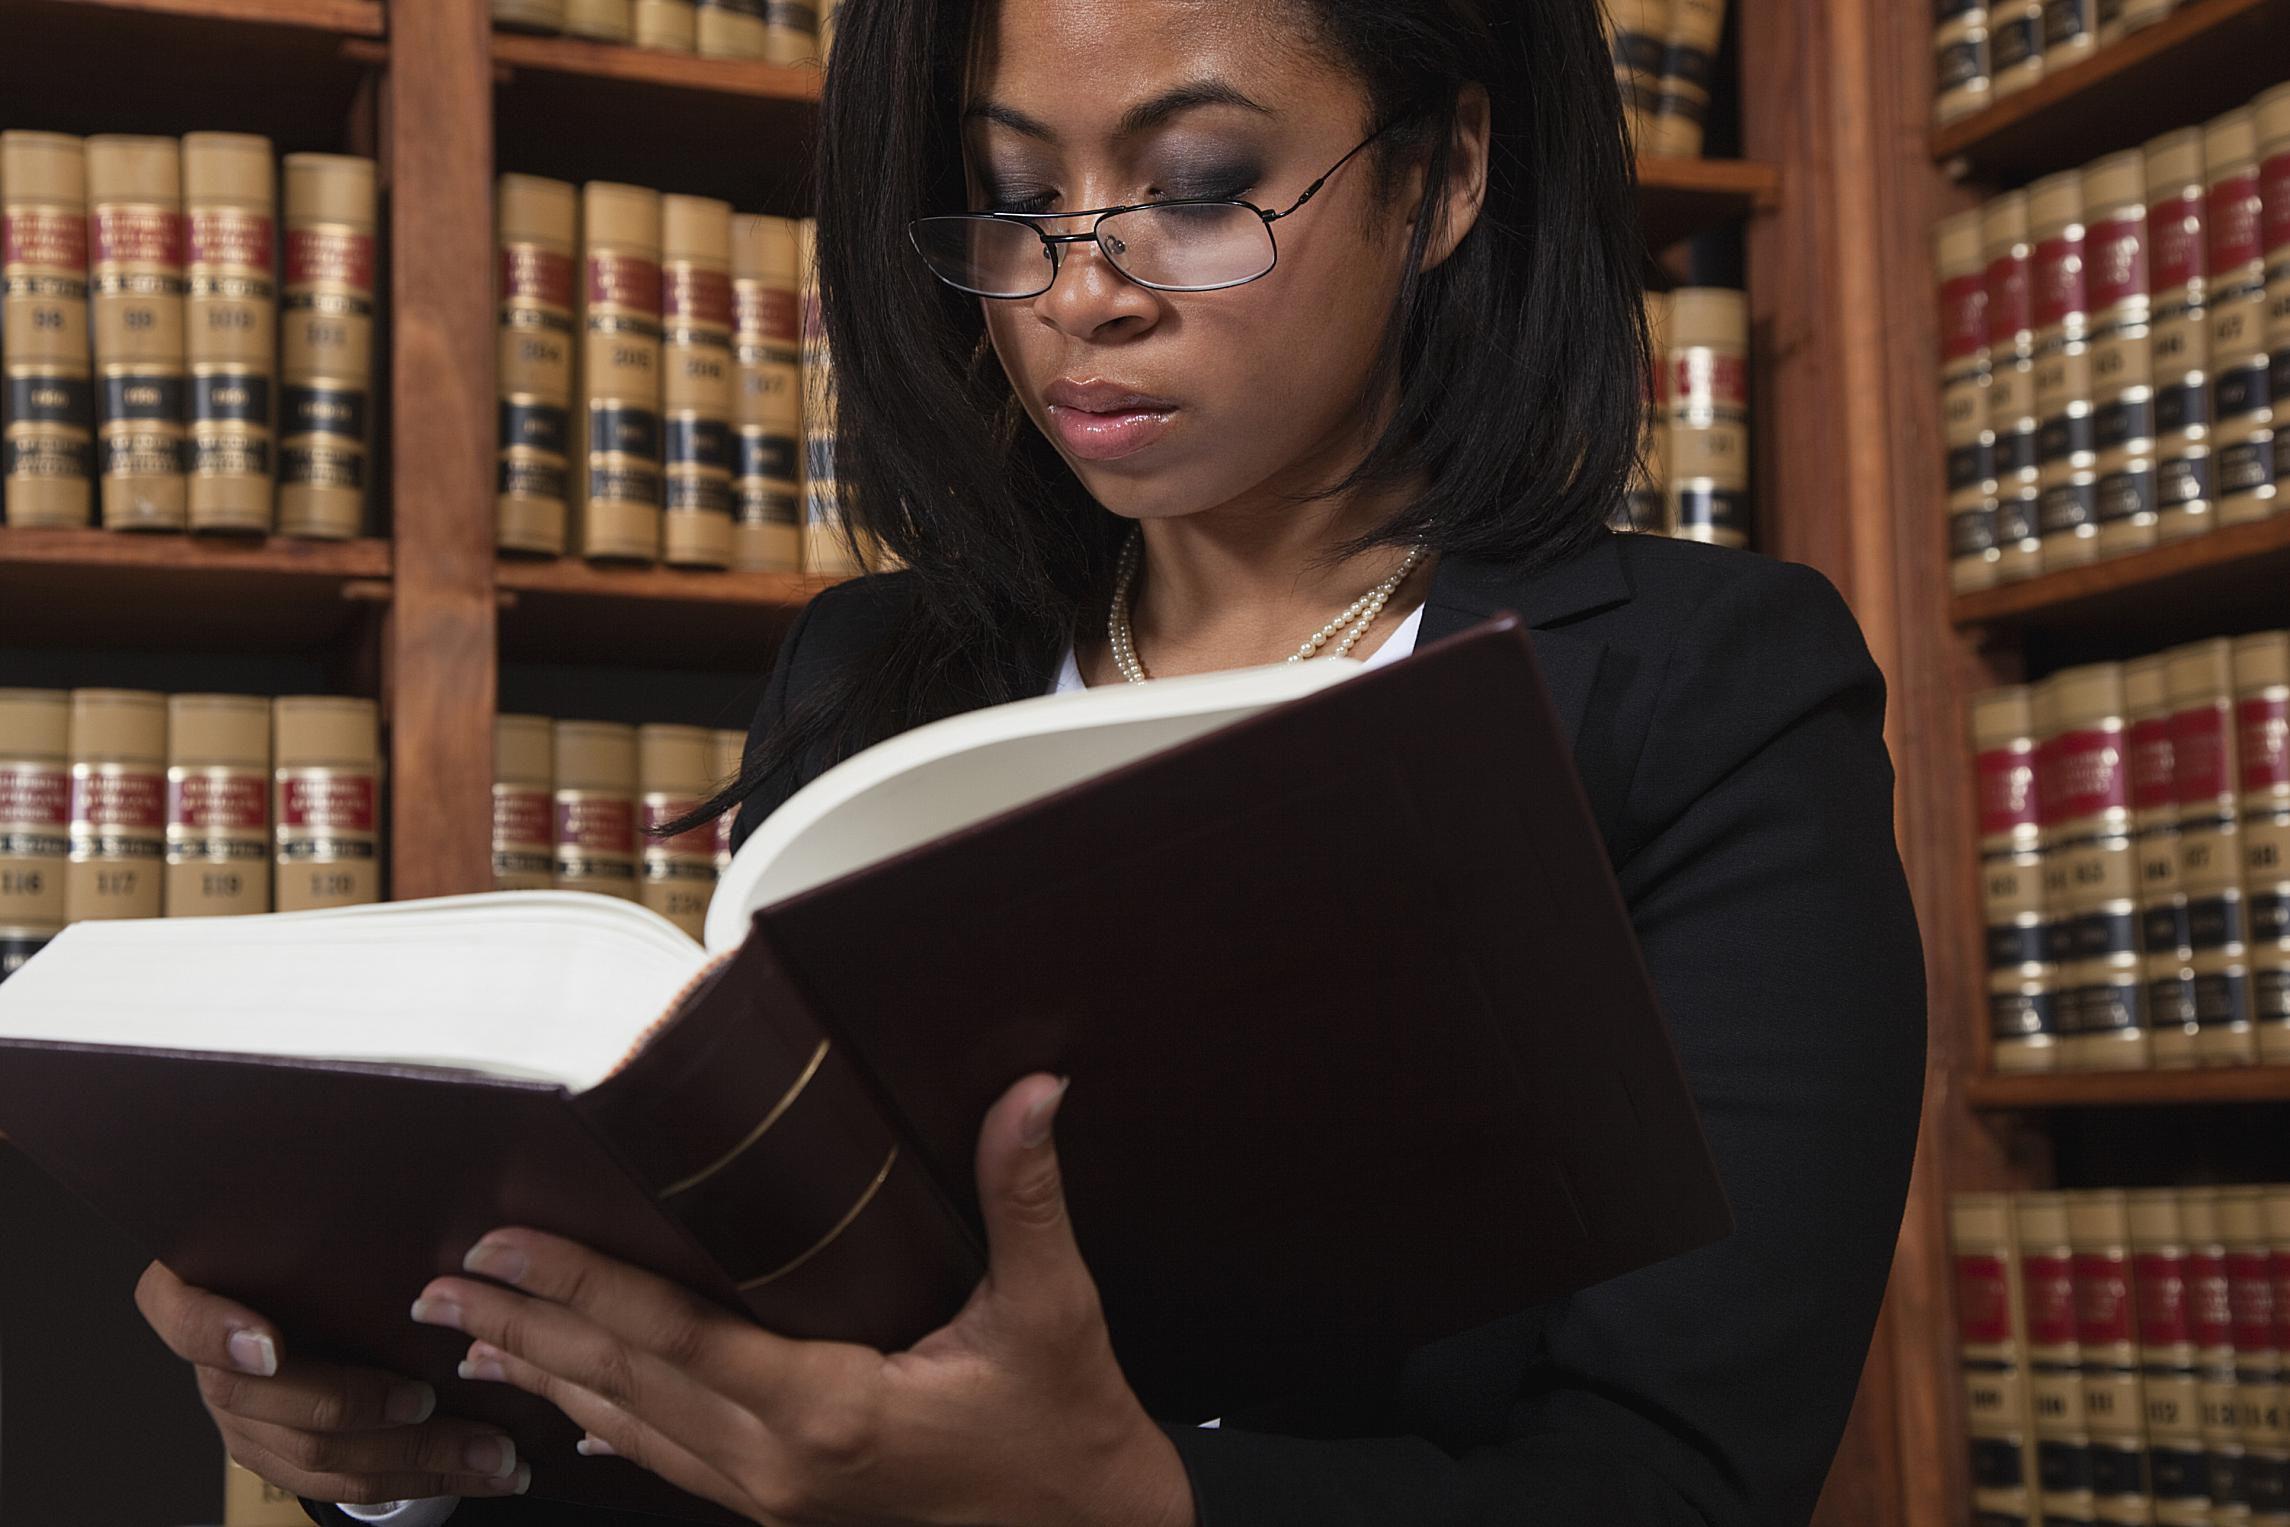 attorney-with-law-books-57a646b53df78cf4591b8b85.jpg